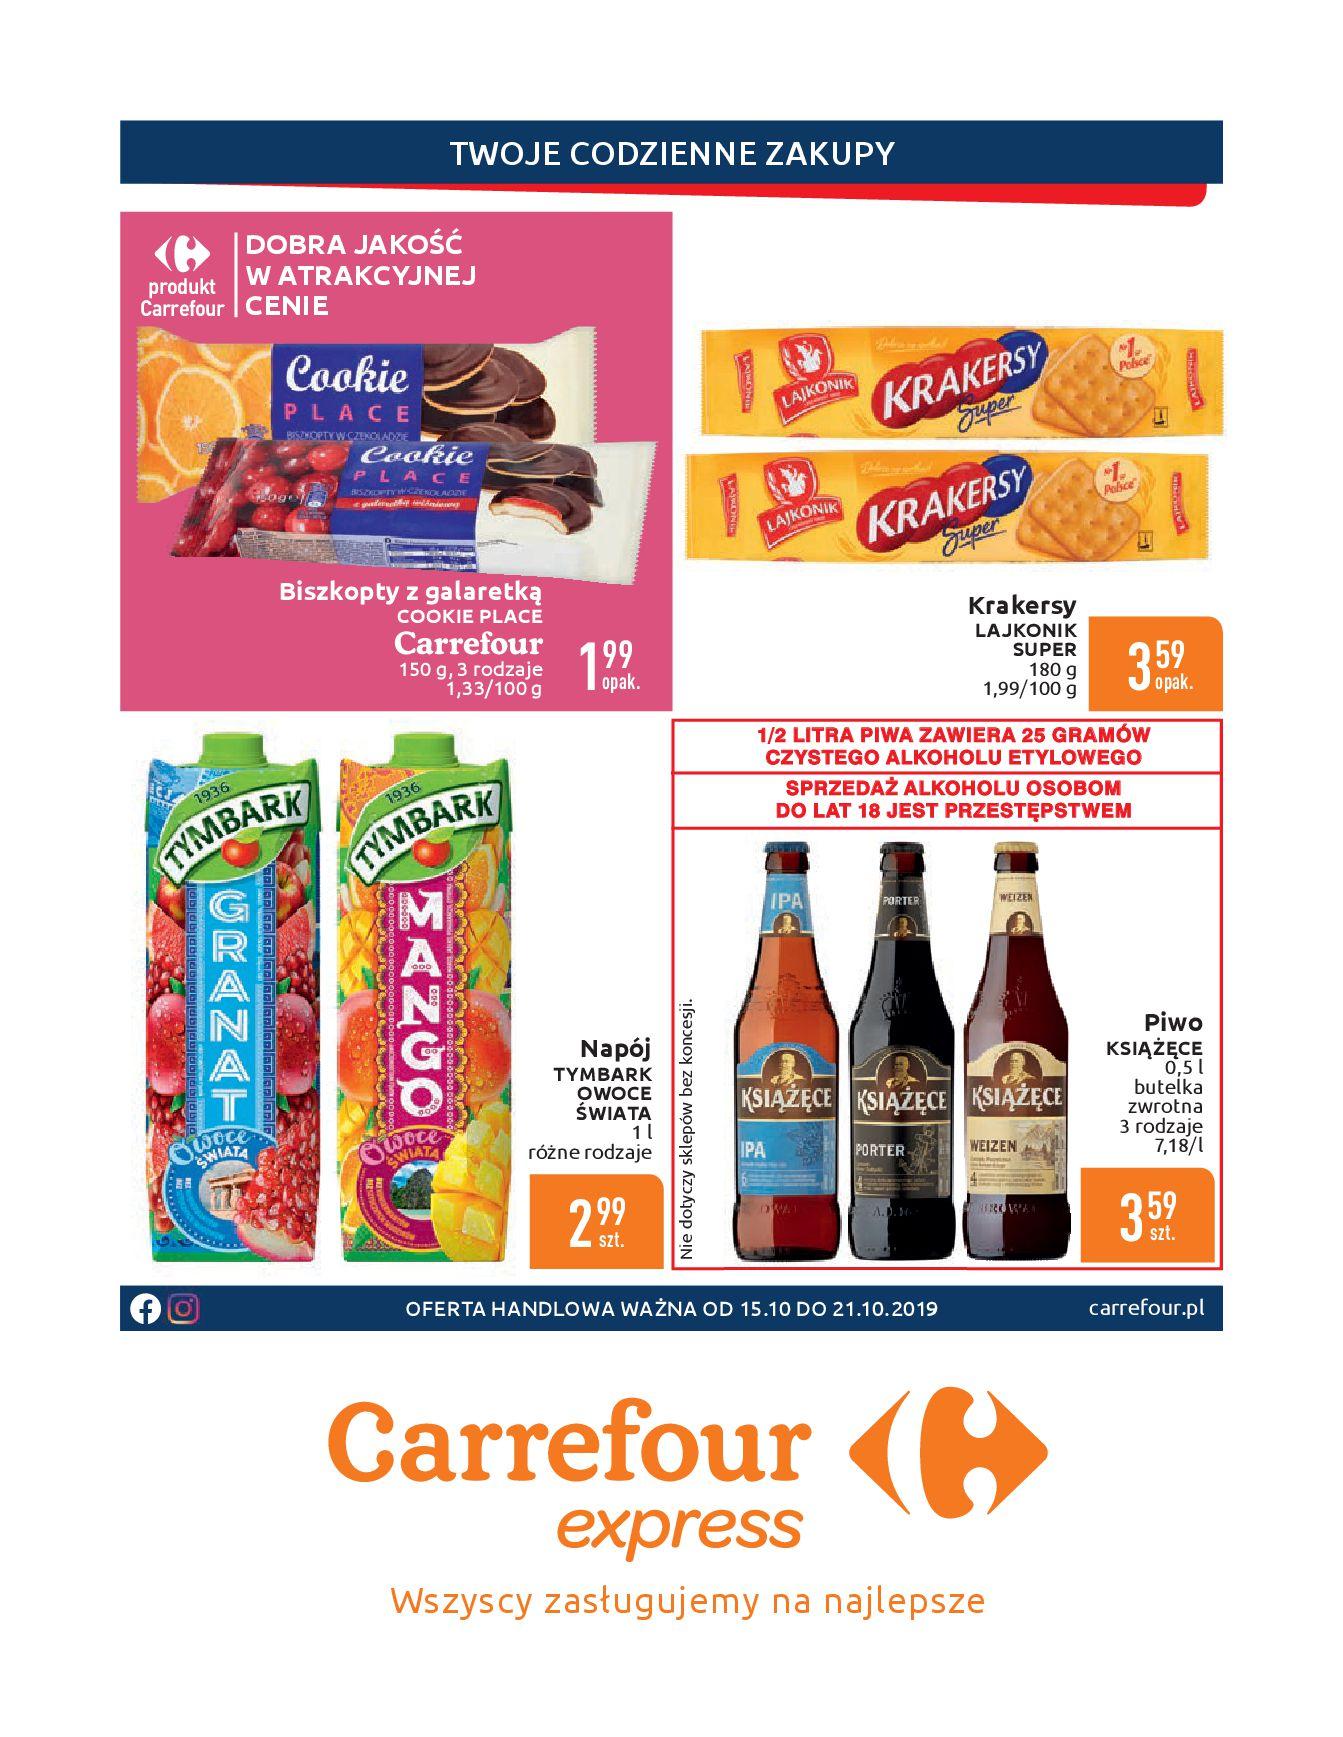 Gazetka Carrefour Express - Gdy zakupy rosną, to ceny maleją ekspresowo-14.10.2019-21.10.2019-page-